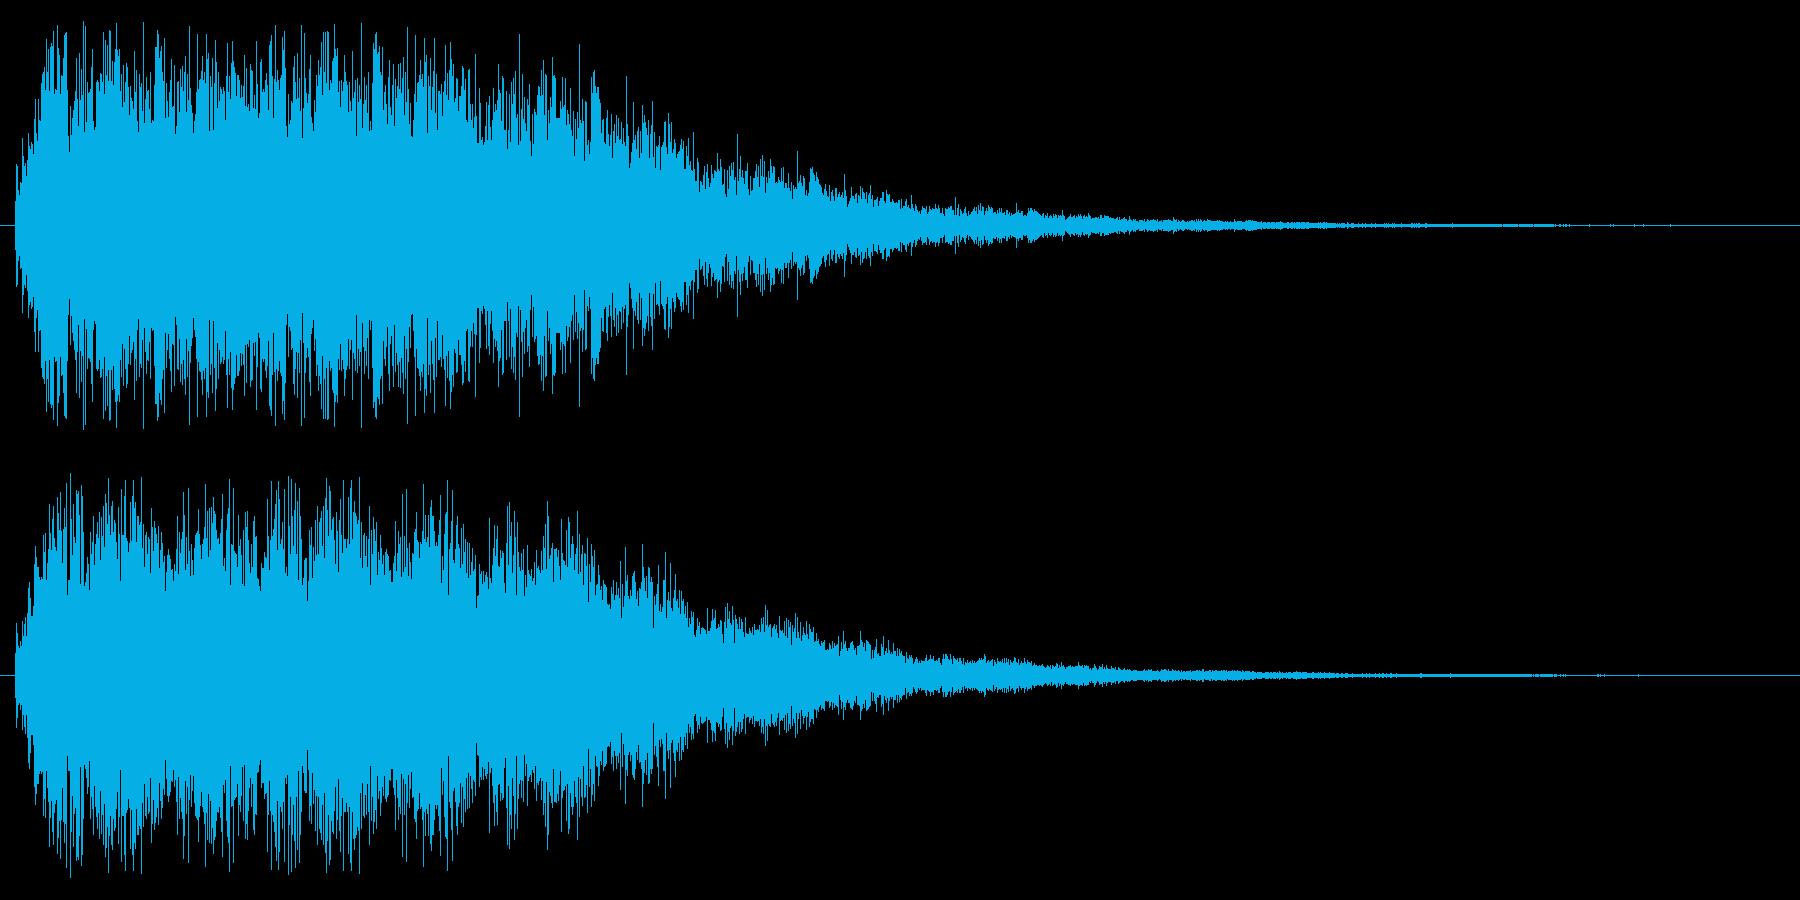 キュワキュワ(透明感のある金属効果音)の再生済みの波形